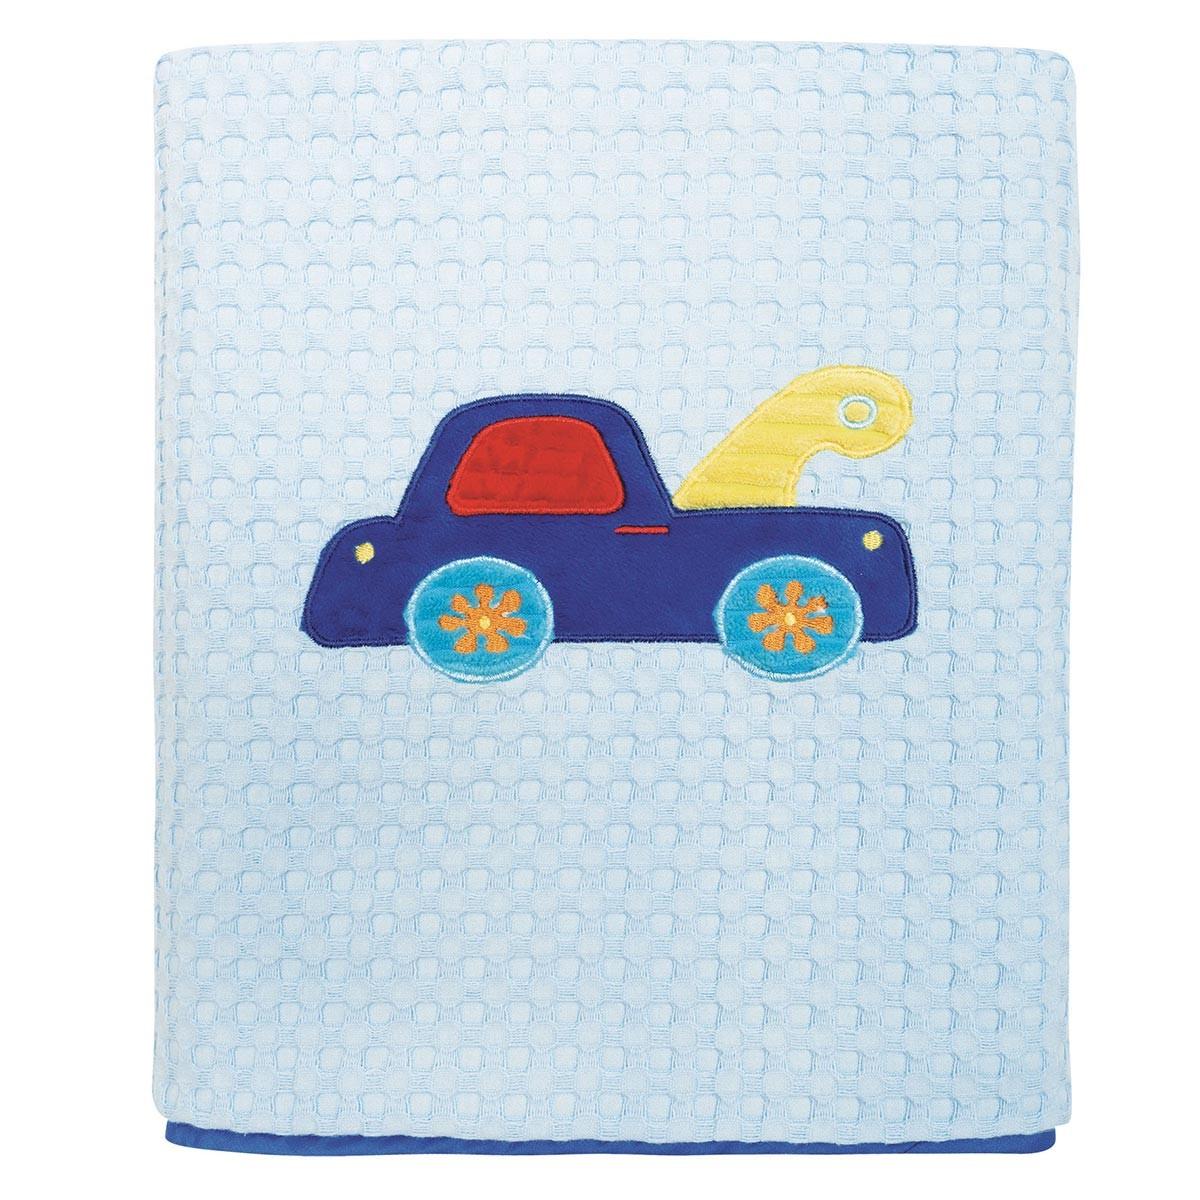 Κουβέρτα Πικέ Κούνιας Das Home Dream Embroidery 6393 66796